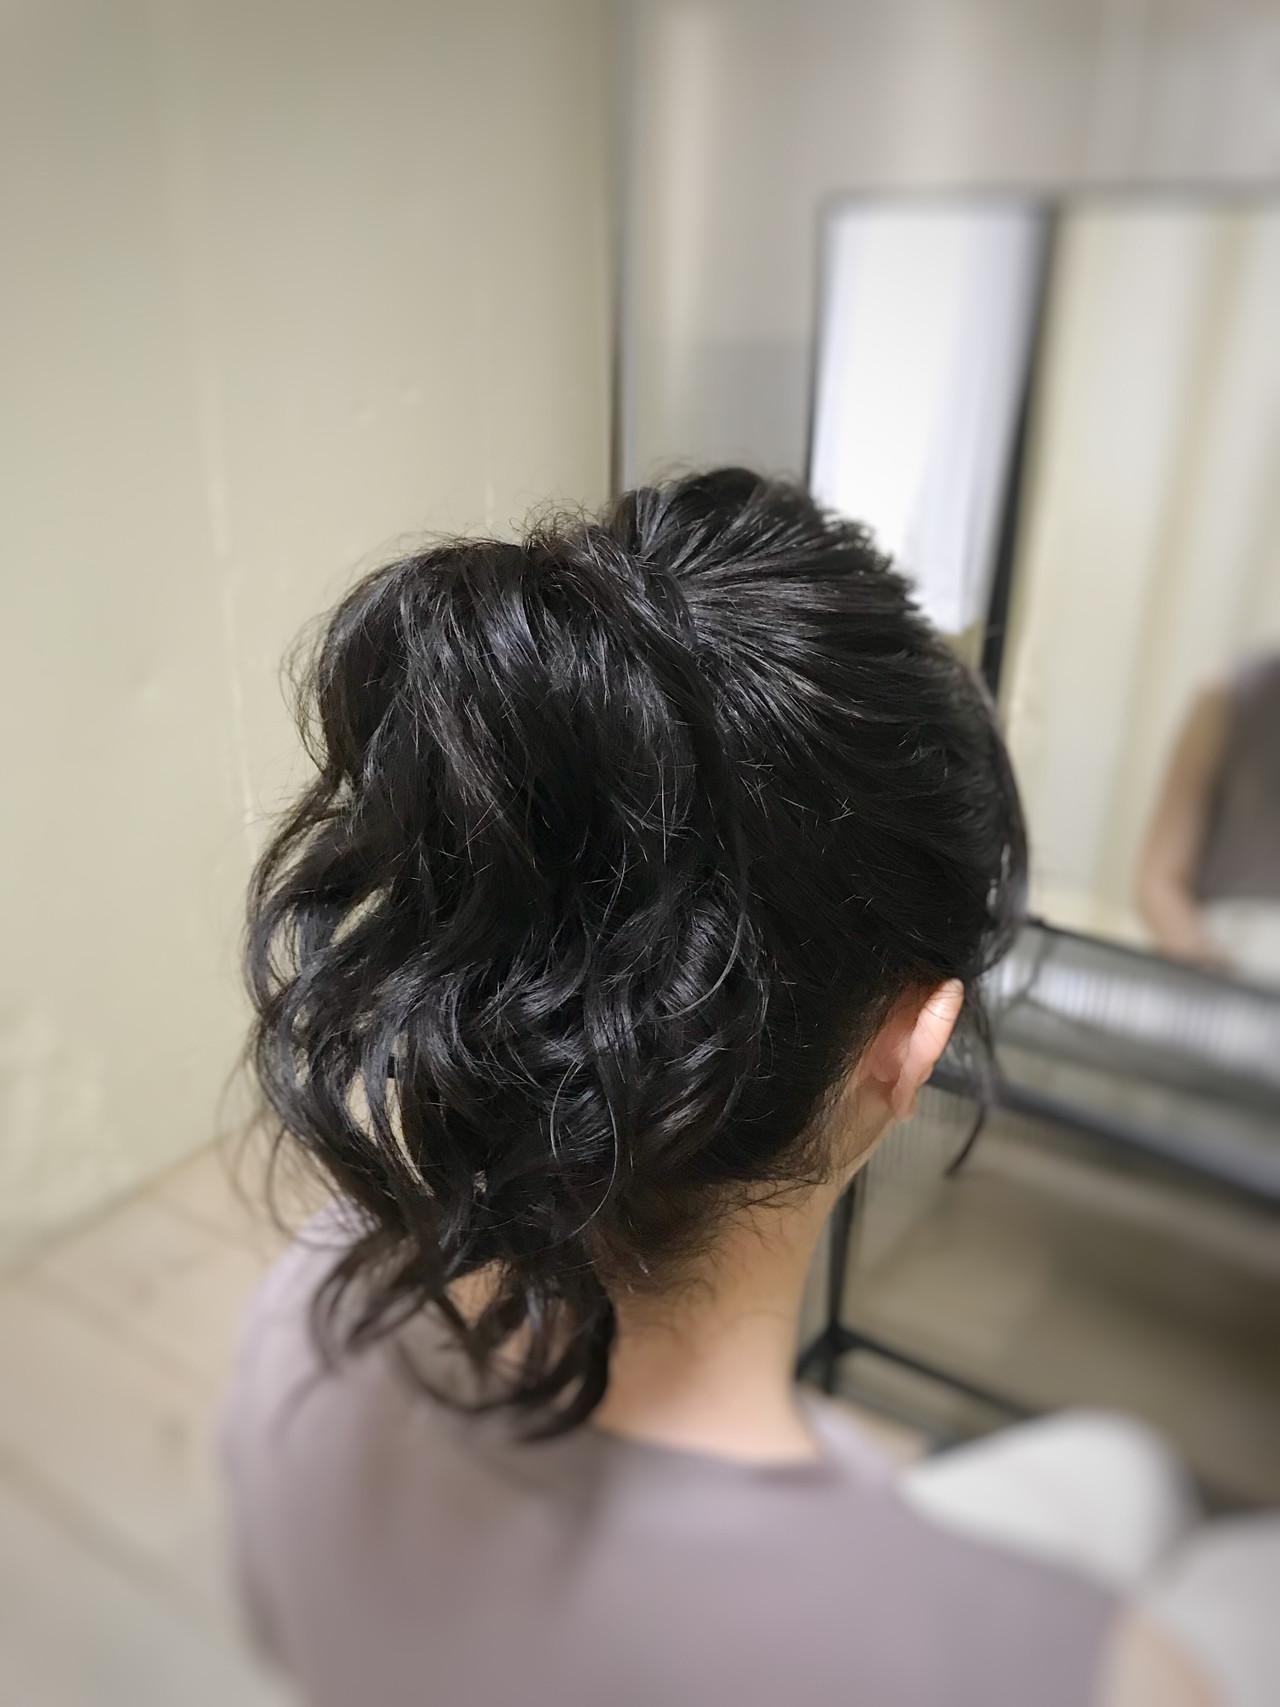 ミディアム ポニーテール ヘアアレンジ アウトドア ヘアスタイルや髪型の写真・画像 | fots.愛美 / fots.南堀江